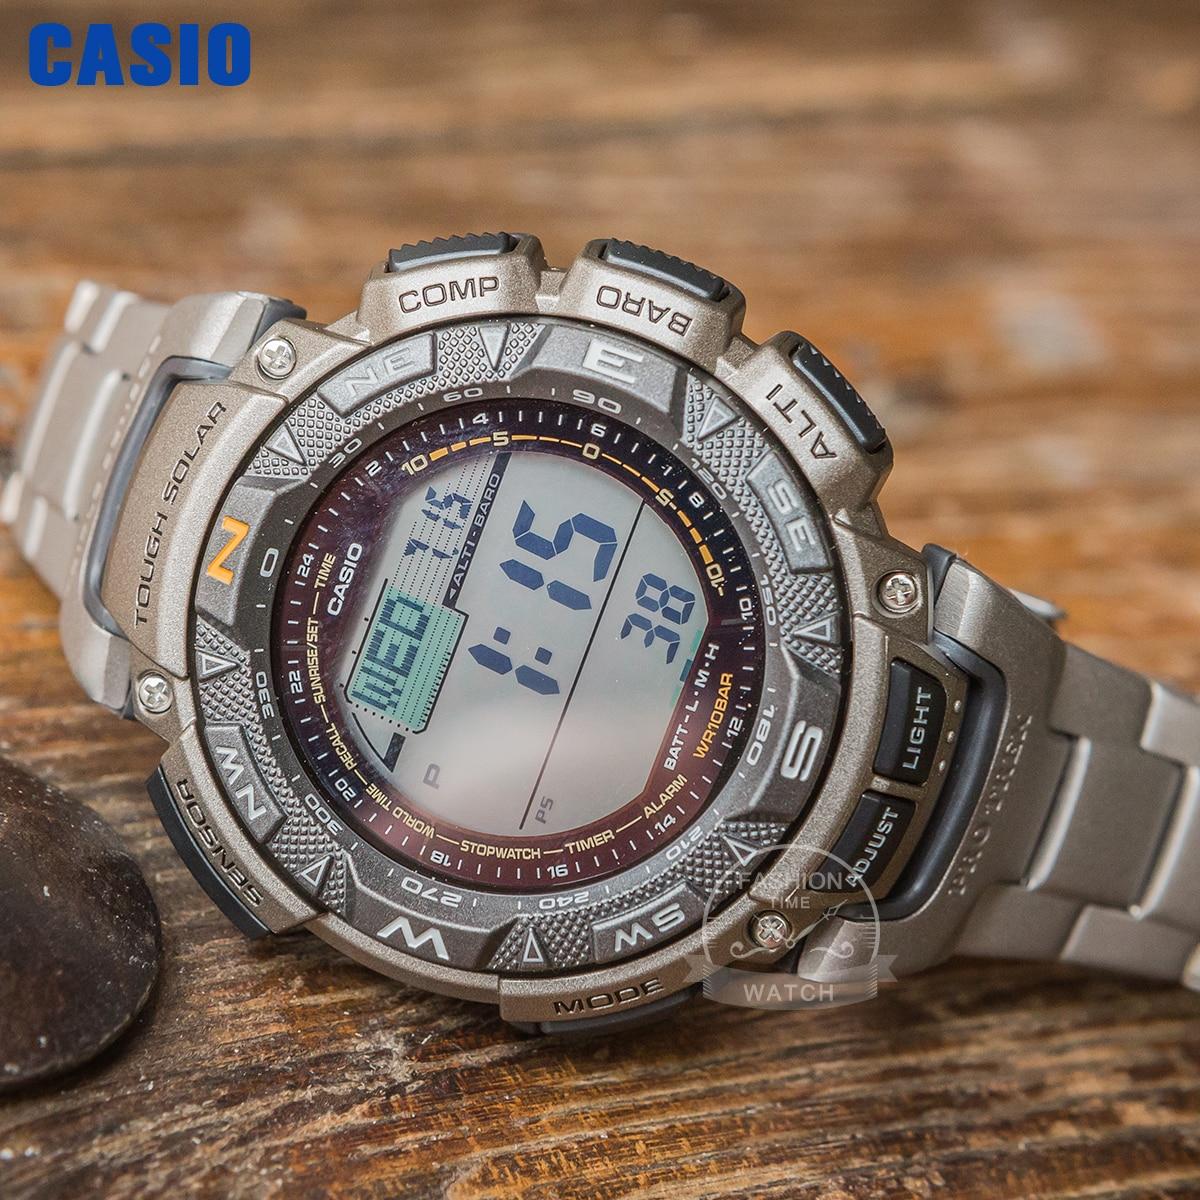 ساعة يد كوارتز رجالية عسكرية من كاسيو, ساعة رقمية رجالية من كاسيو طراز g ، مقاومة للصدمات بتصميم رياضي عسكري فاخر ، ساعة كوارتز للرجال